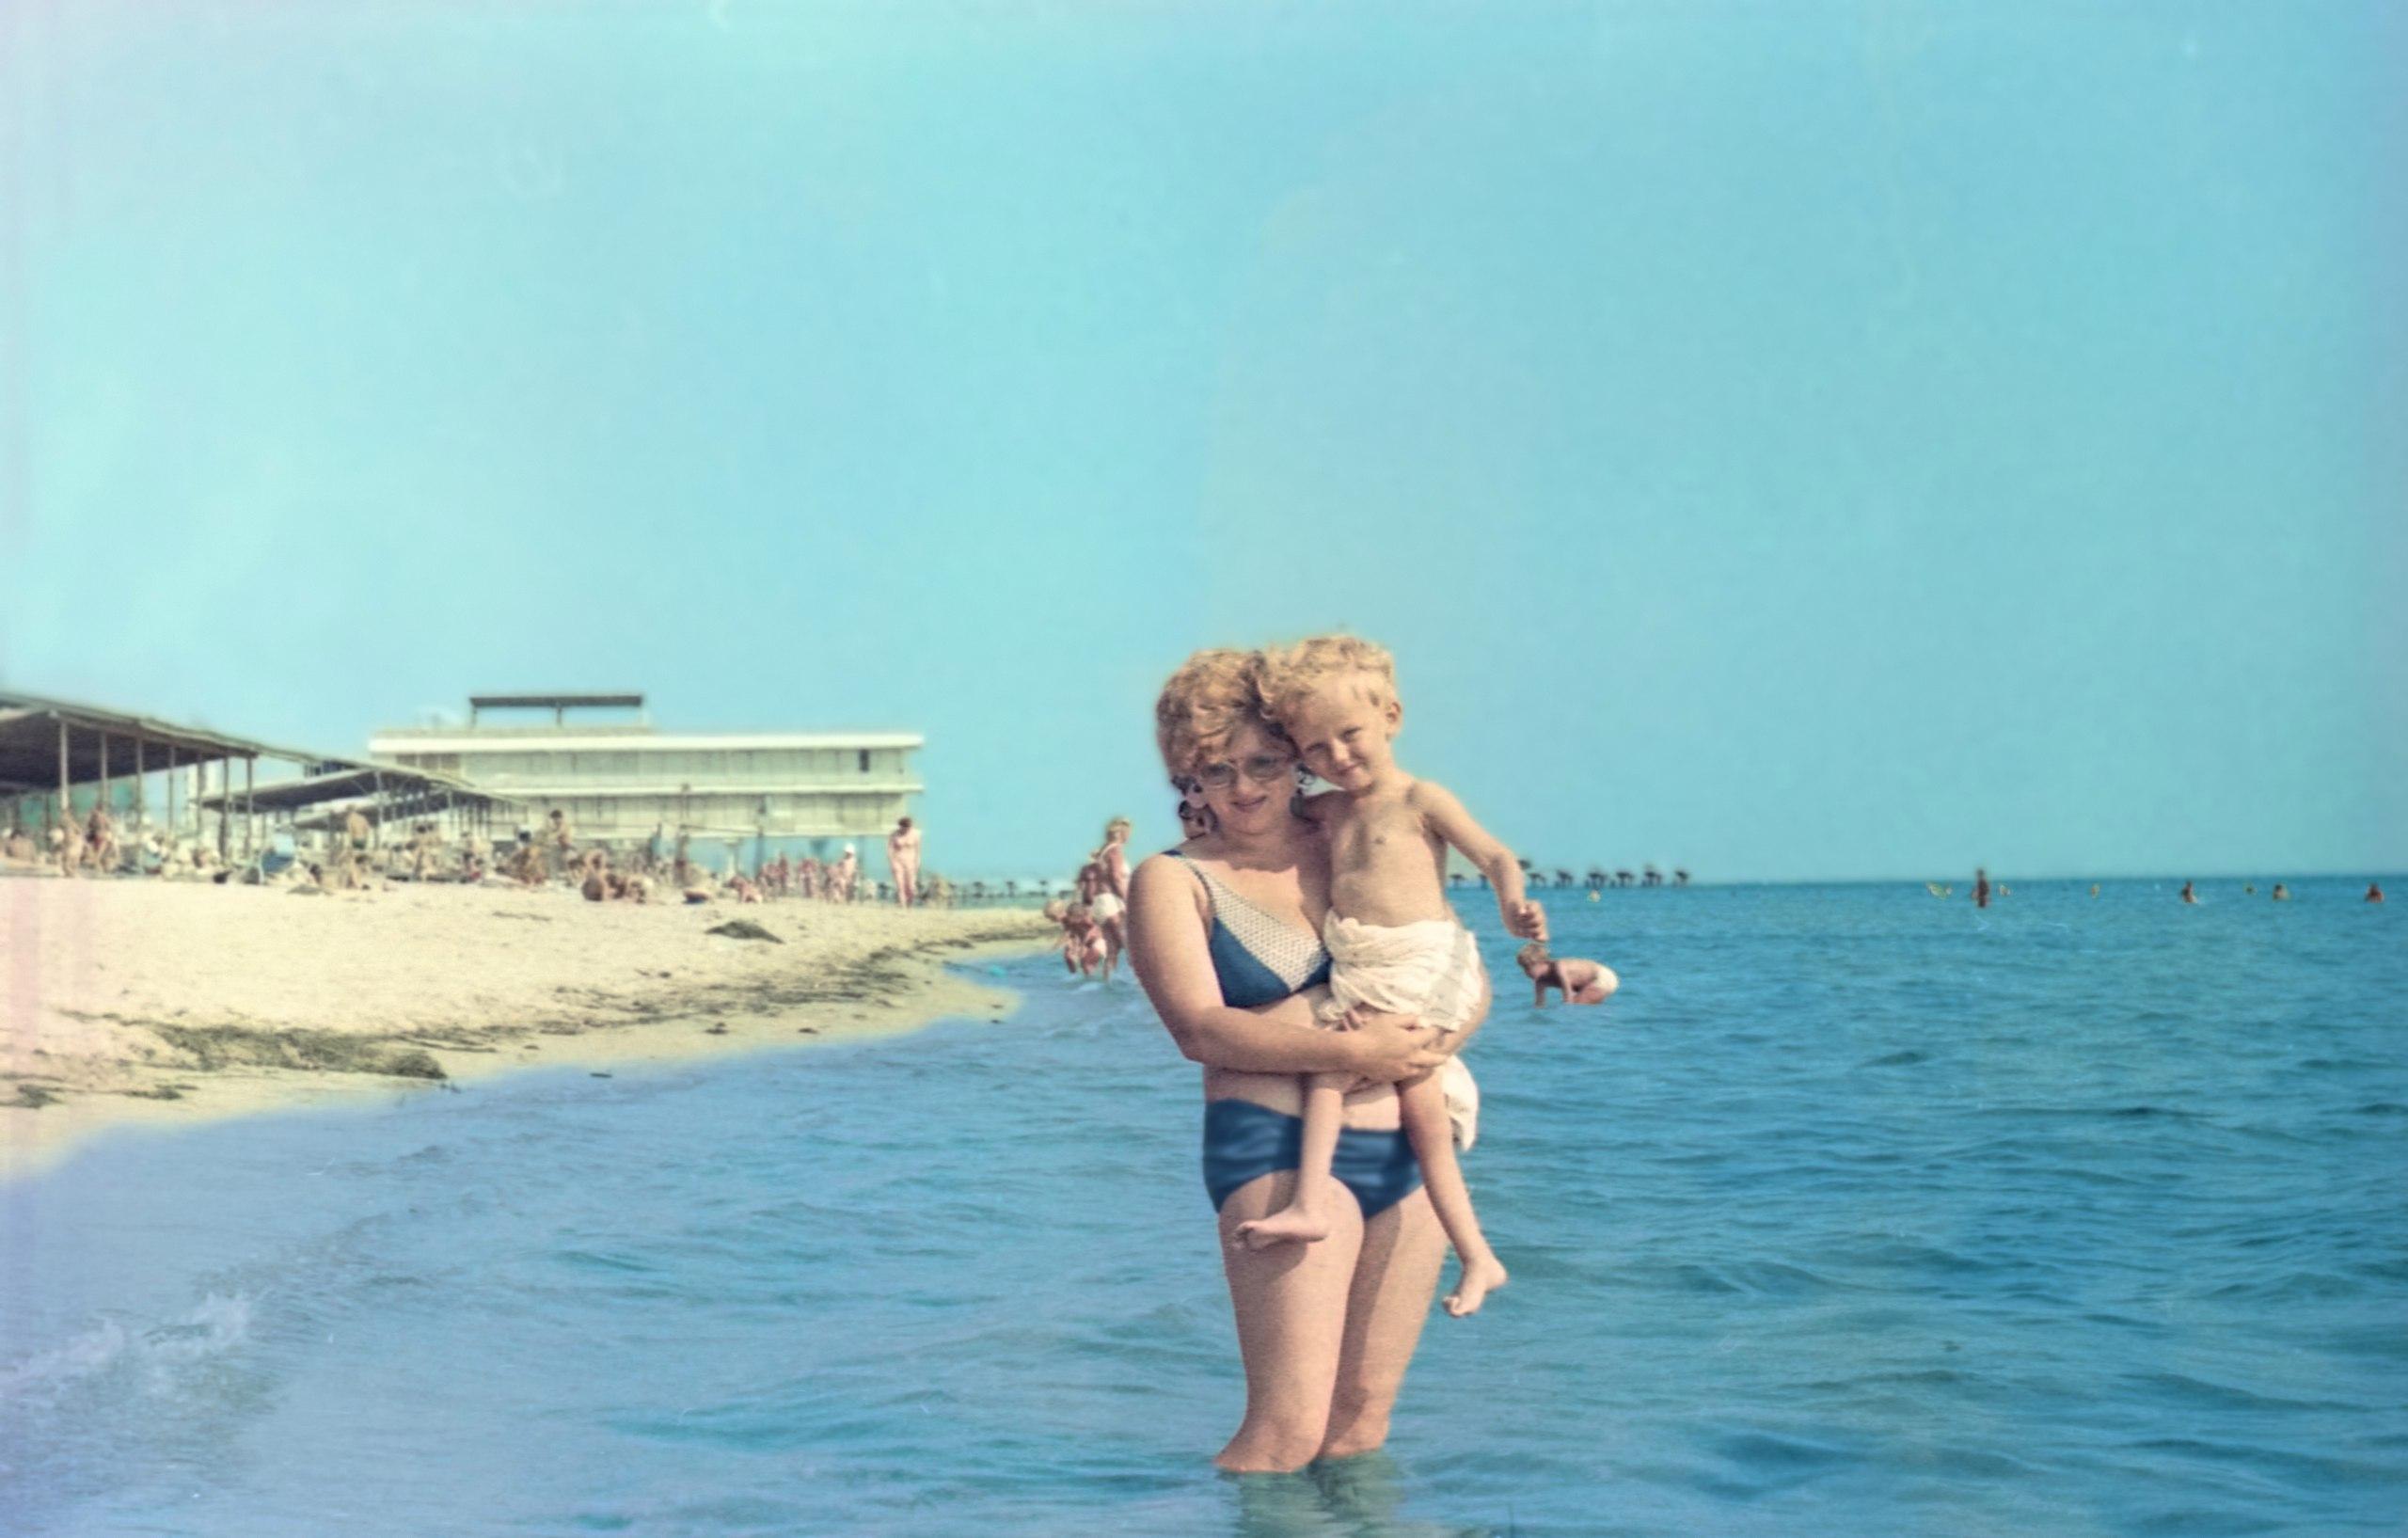 Самое синее в мире, Чёрное море моё! . Отдых у воды